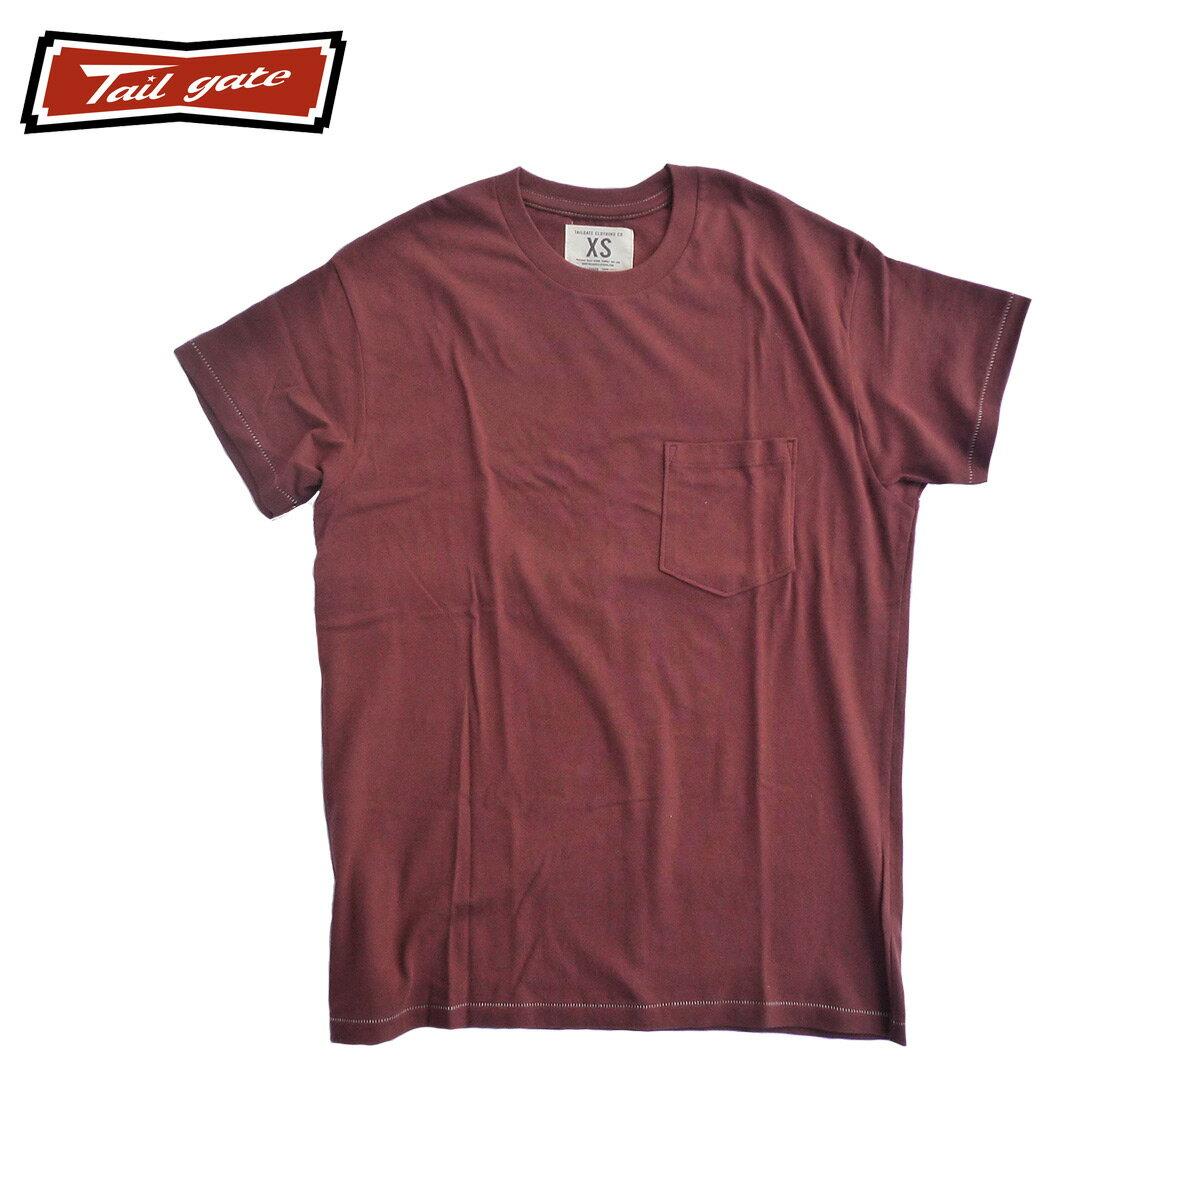 トップス, Tシャツ・カットソー  60OFFTAILGATE T XS-M T T T